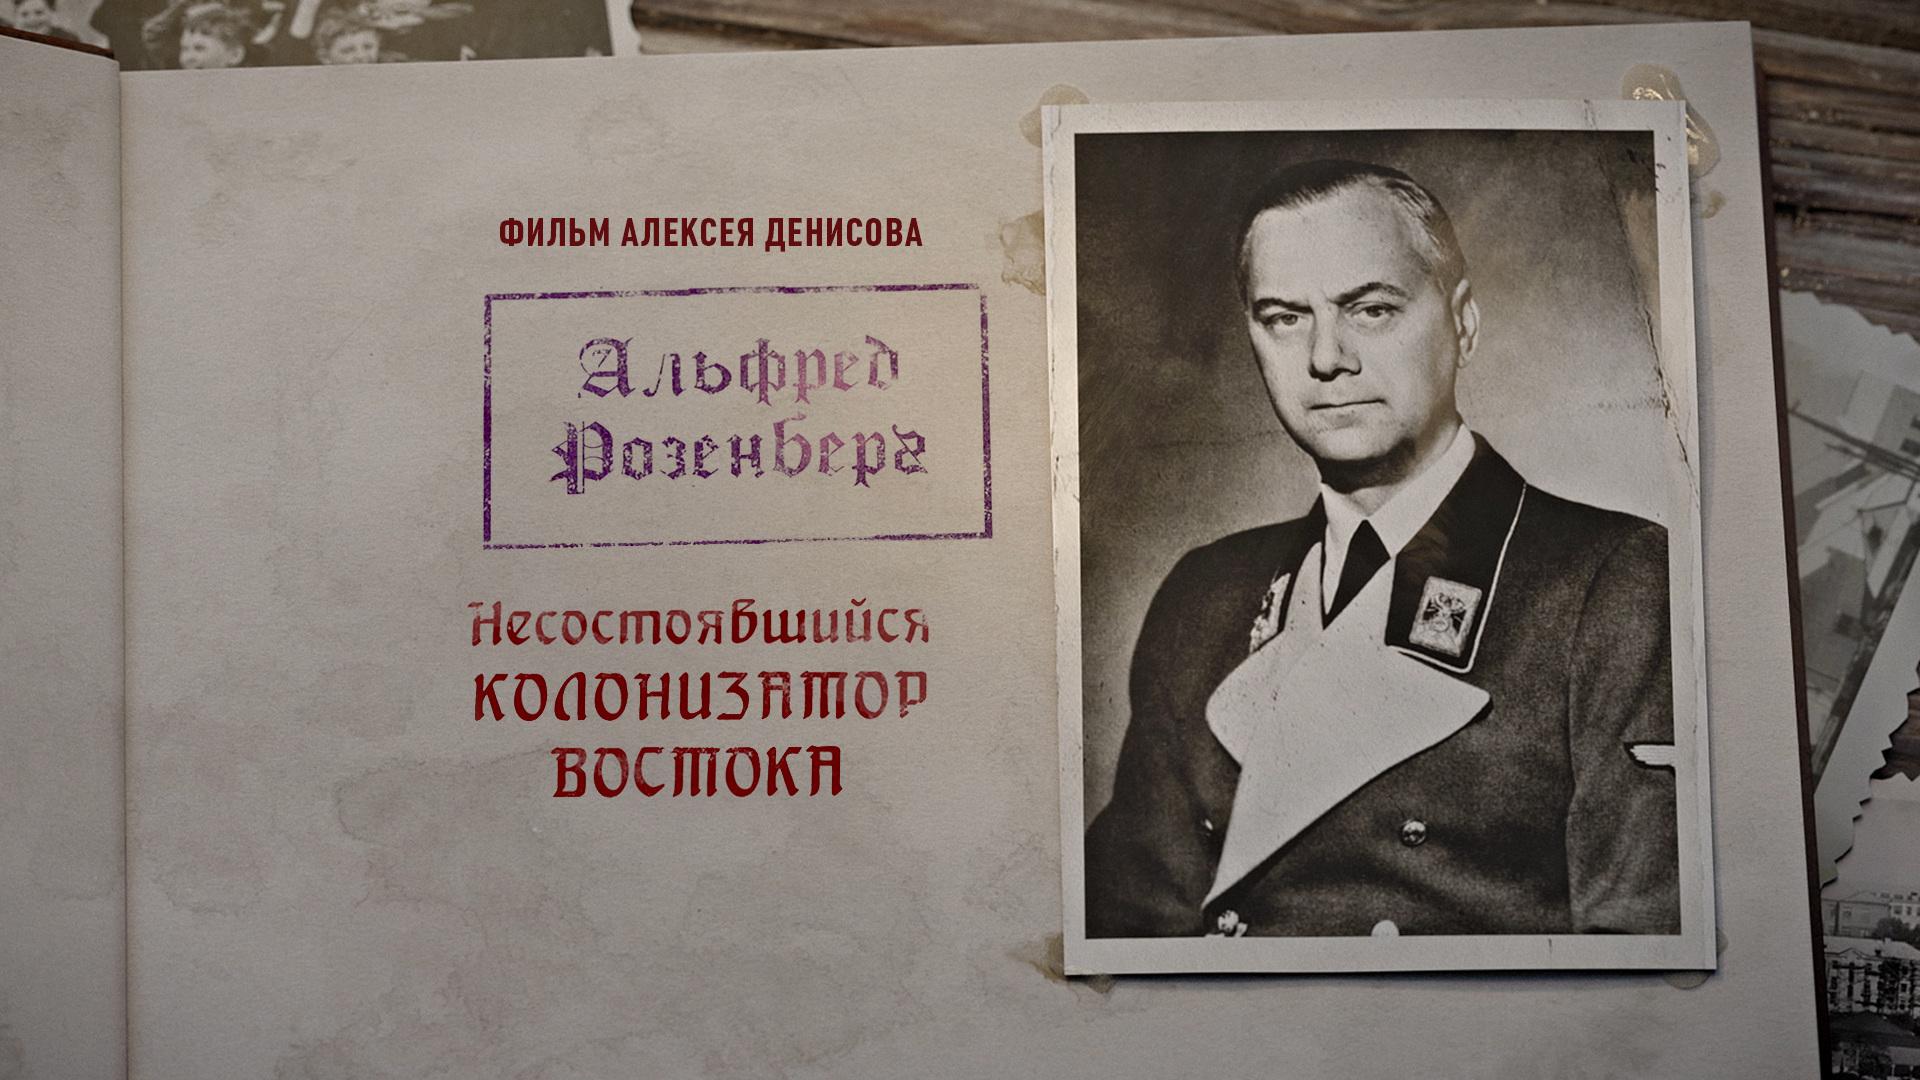 Альфред Розенберг. Несостоявшийся колонизатор Востока